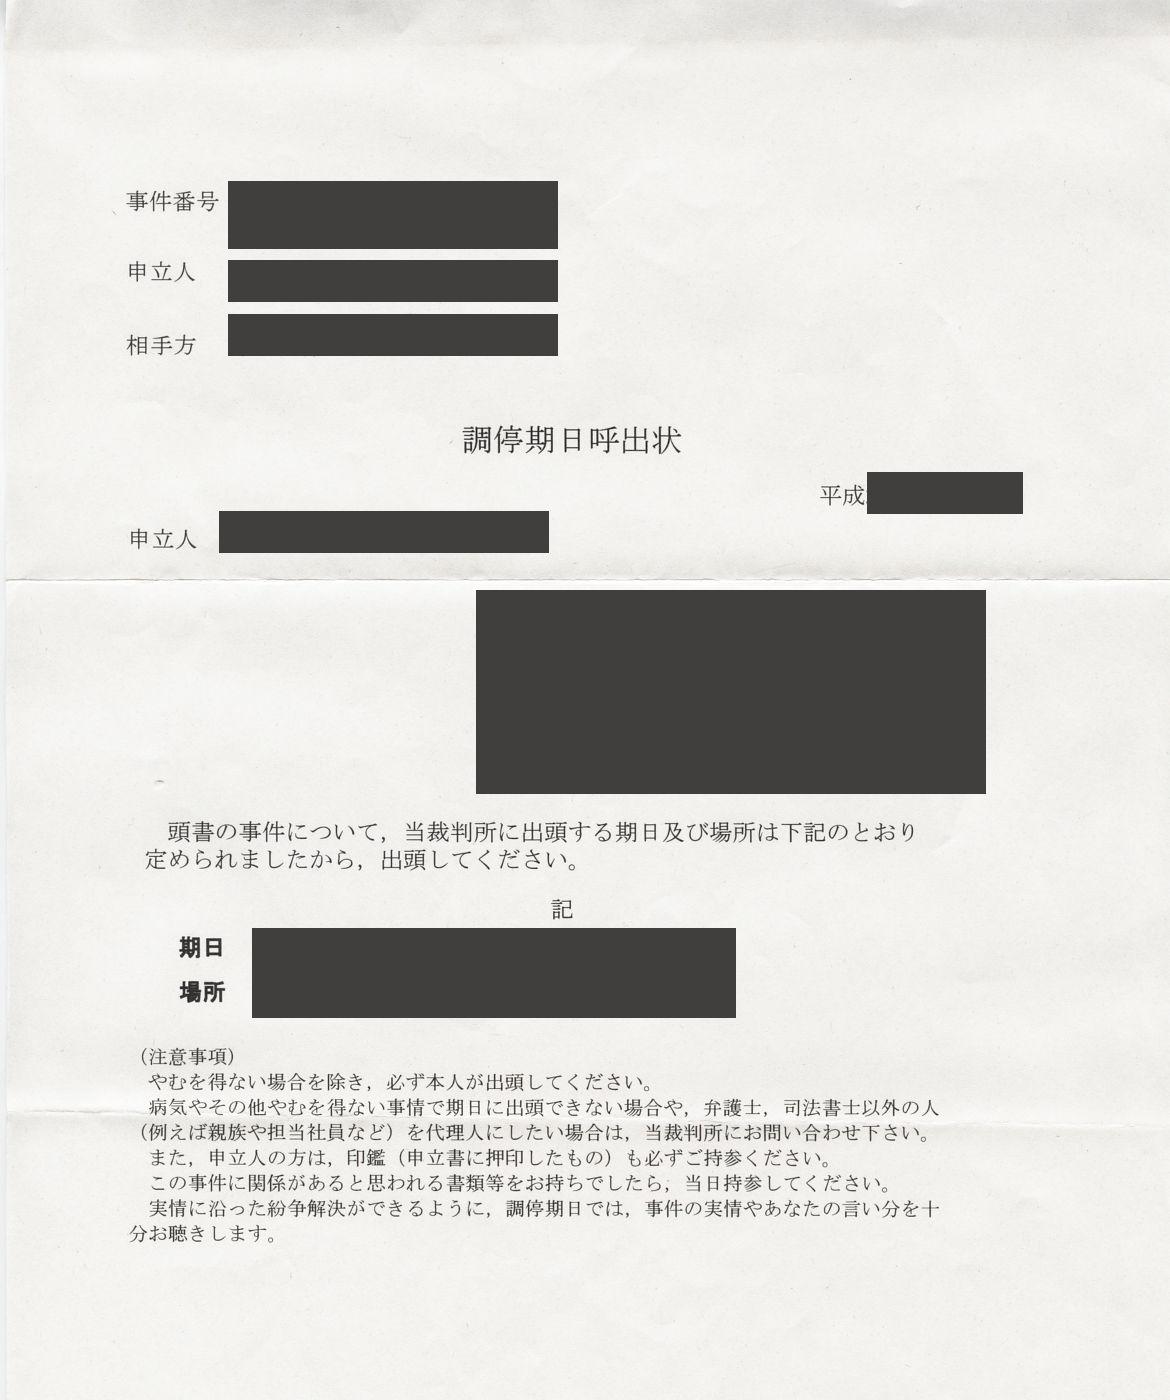 調停期日呼出状_黒塗り2